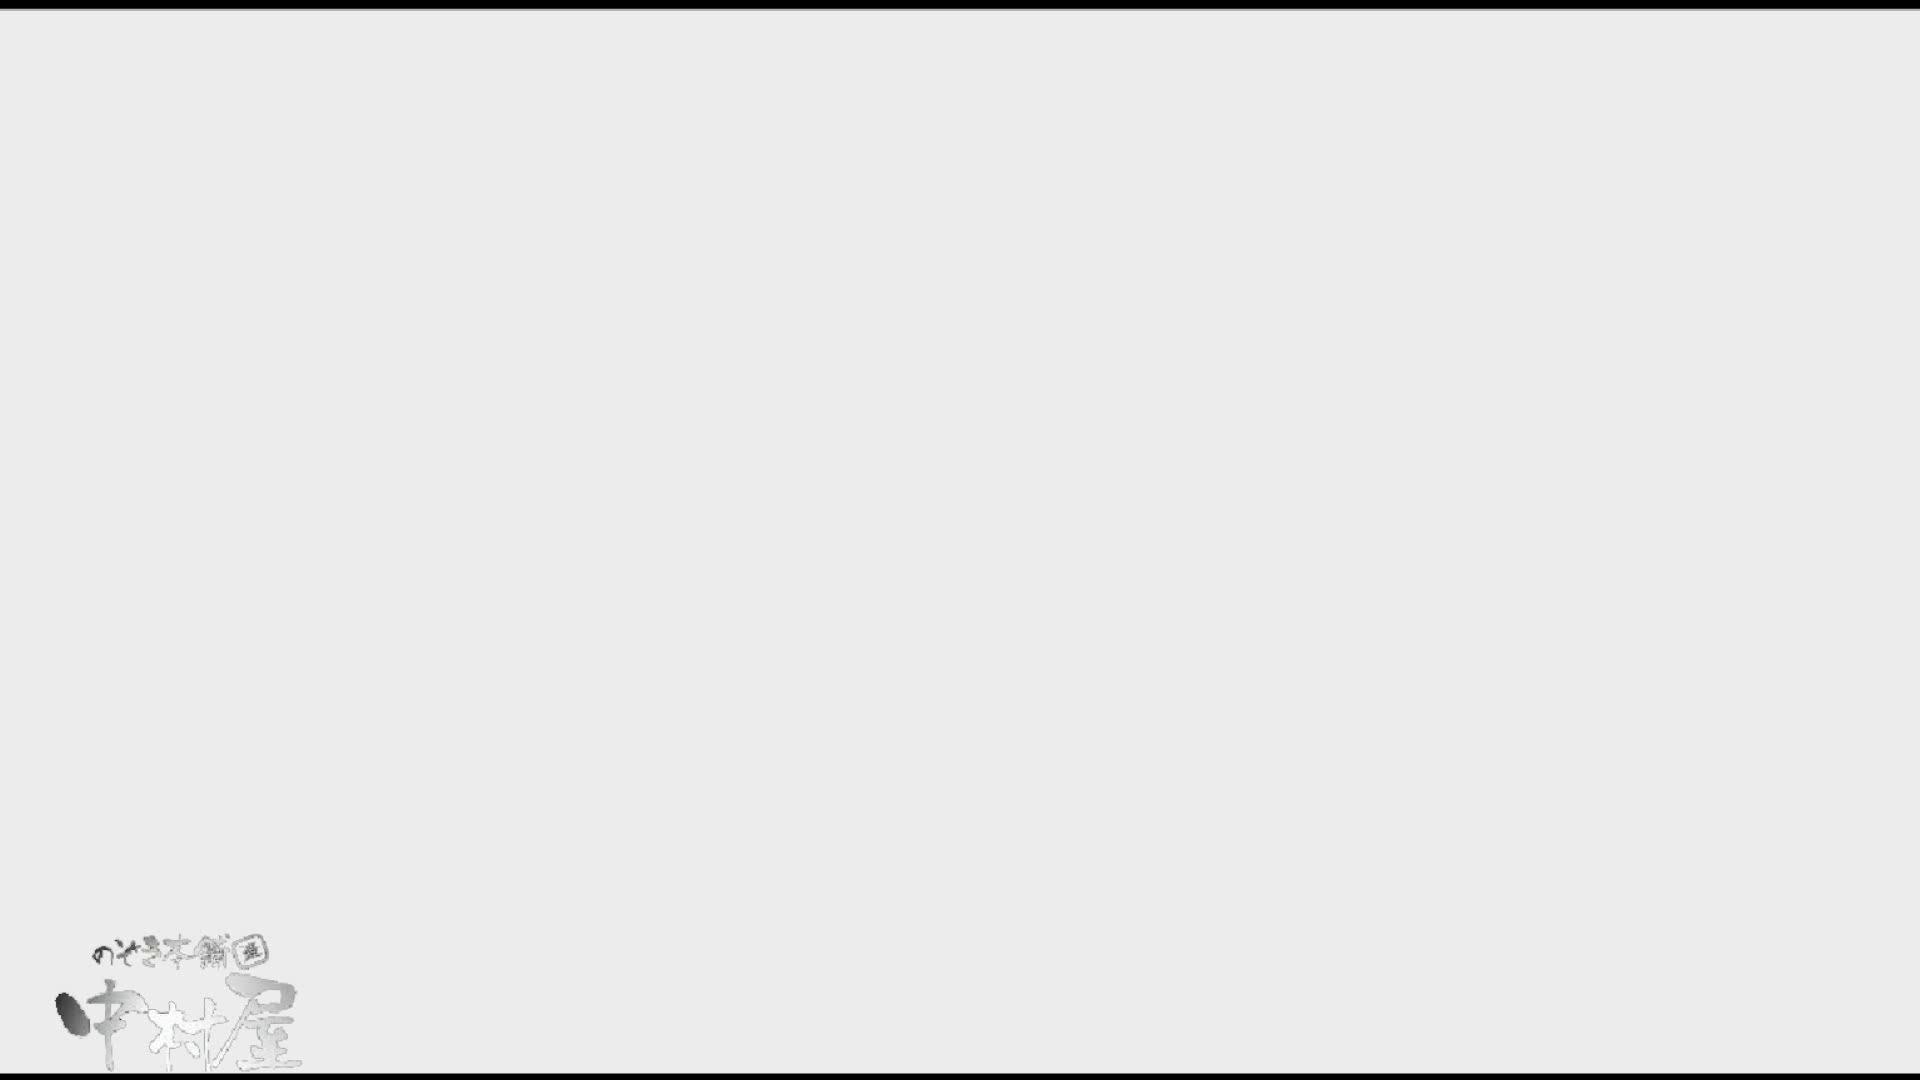 飛び出す黄金水!!!アトレ潜入 かわや盗撮 vol.03 潜入 SEX無修正画像 79画像 3